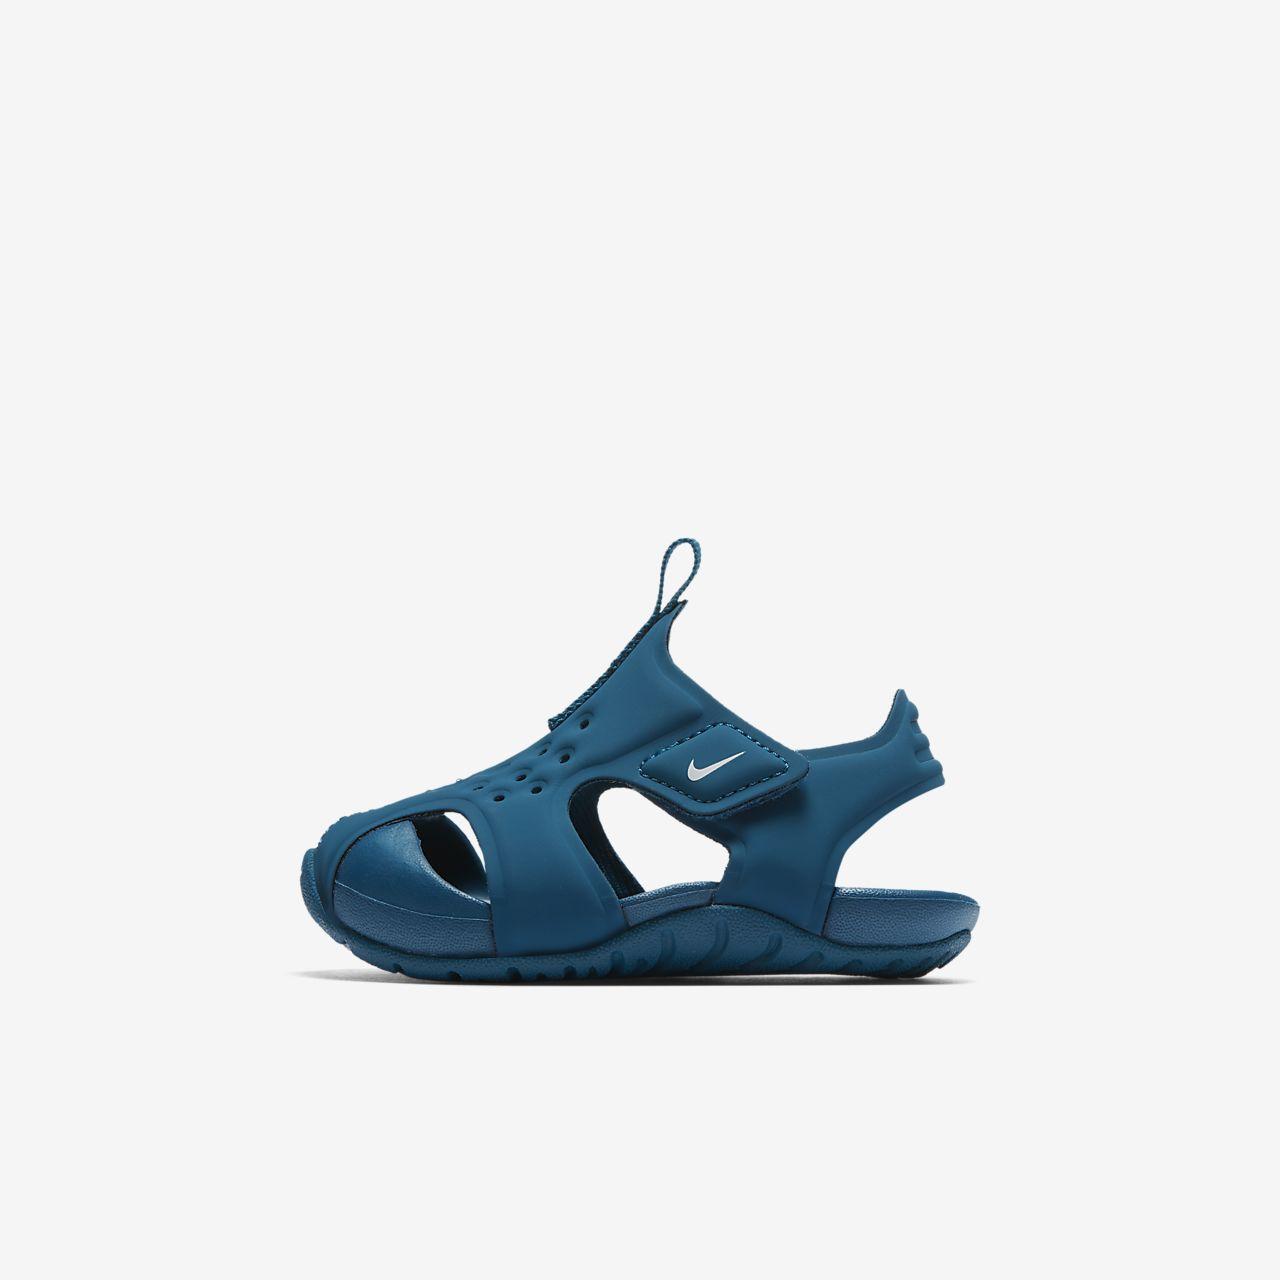 Protect Sandale Bébépetit 2 Sunray Nike Pour EnfantCa hCtsQdxrB